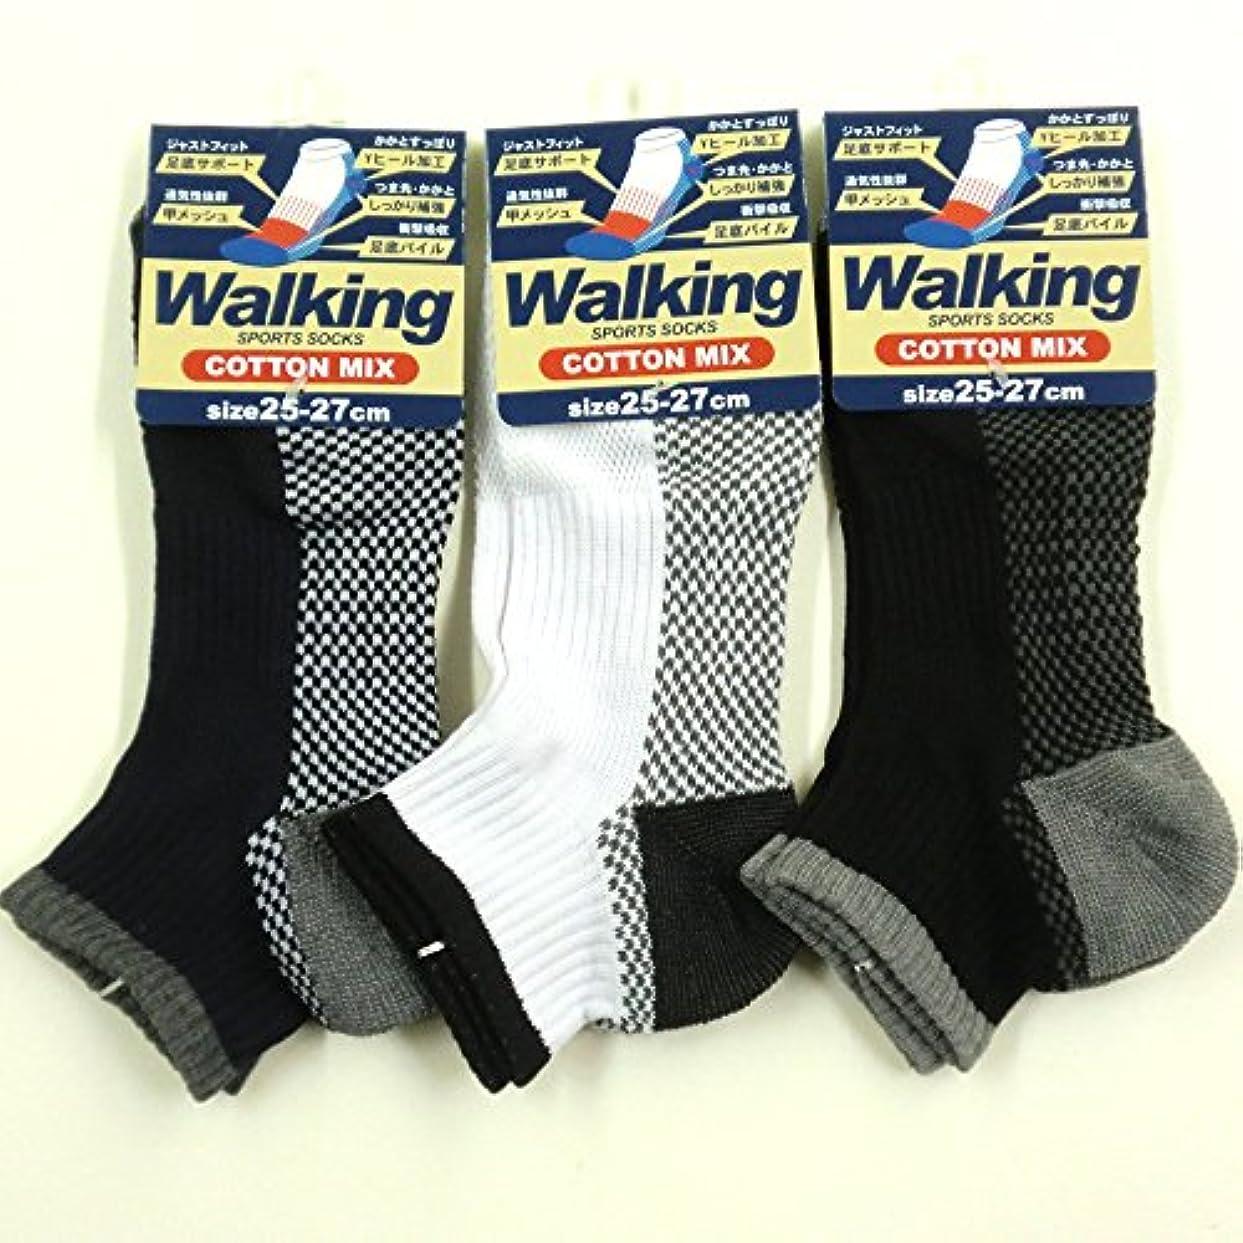 天ダブルタイトルスニーカー ソックス メンズ ウォーキング 靴下 綿混 足底パイル 25-27cm 3足セット